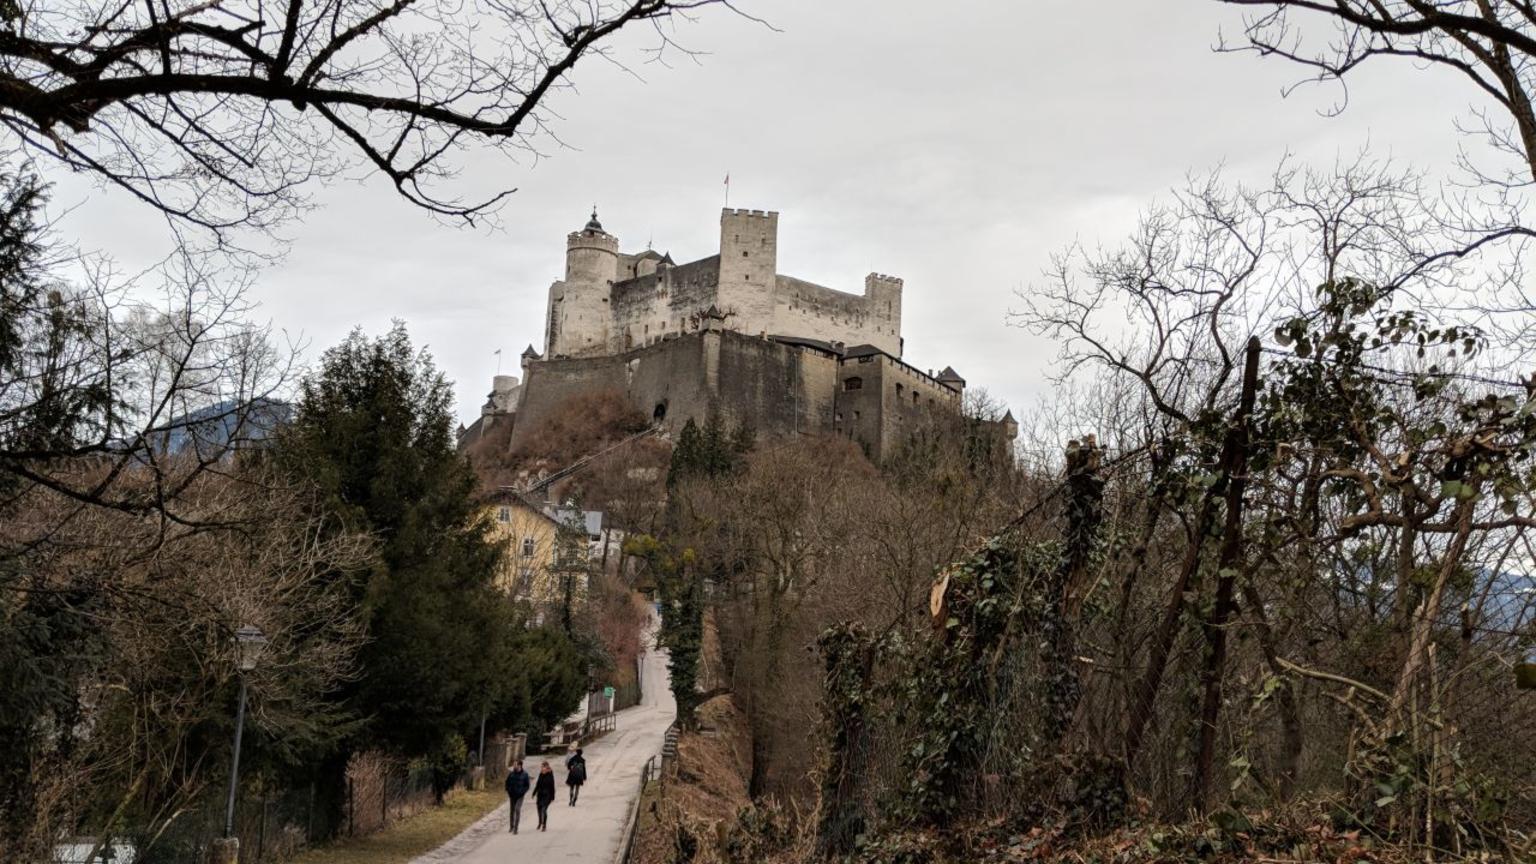 MÁS FOTOS, Visita turística de un día a Salzburgo desde Múnich en tren